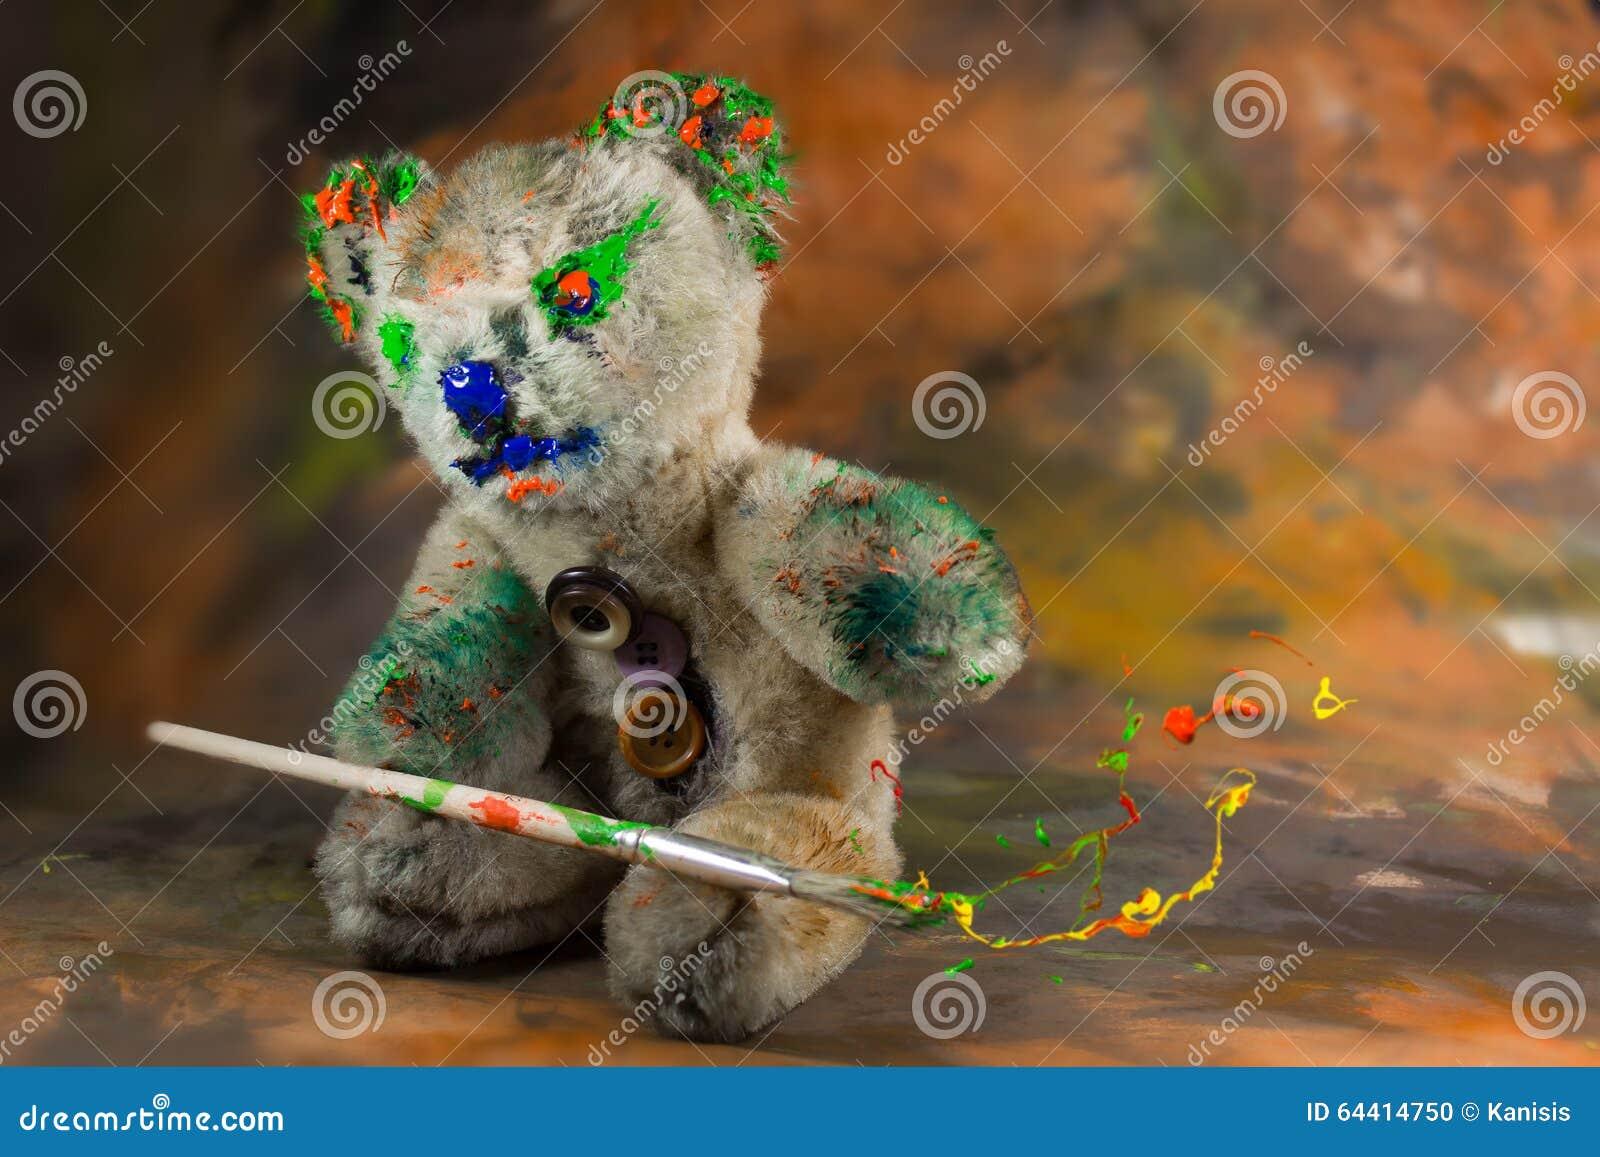 Teddybär Sitzt Und Macht Magie Mit Der Sprengung Der Farbe Stockfoto ...